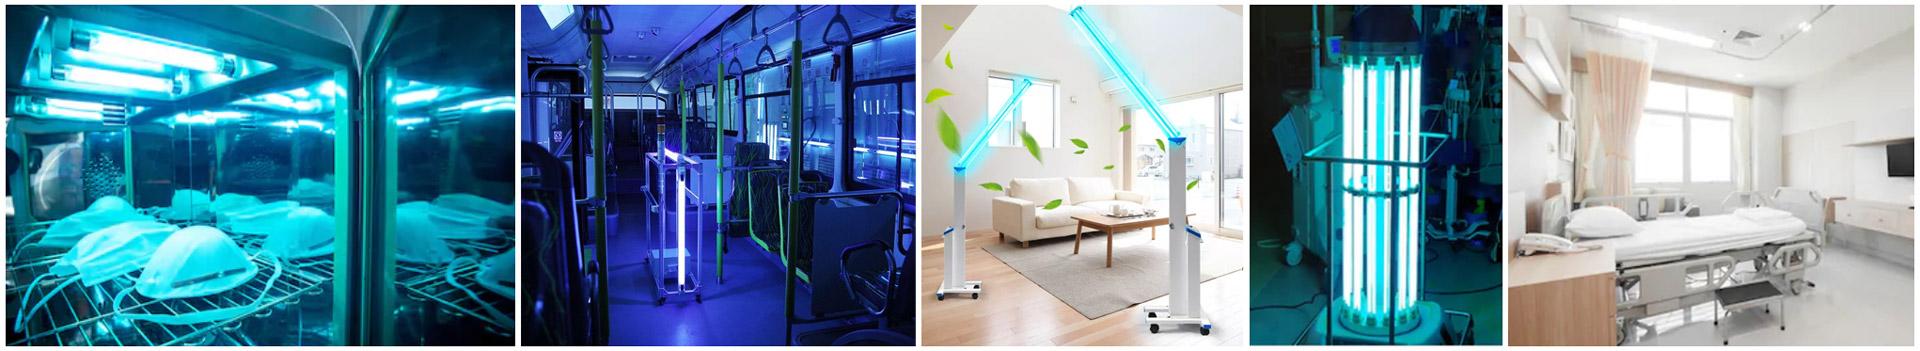 Les diverses apllication des UV-C dans les hopitaux, les transports en commun et les chambres.